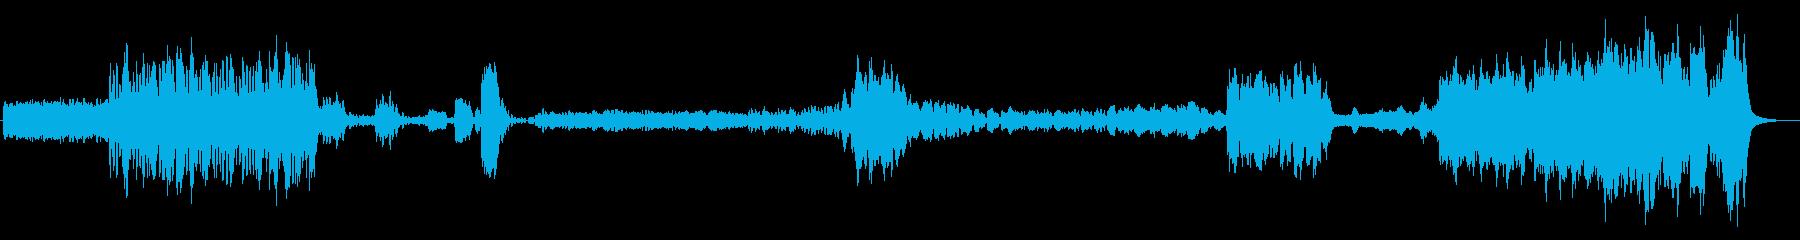 天気予報に使われたかわいいクラシック曲の再生済みの波形